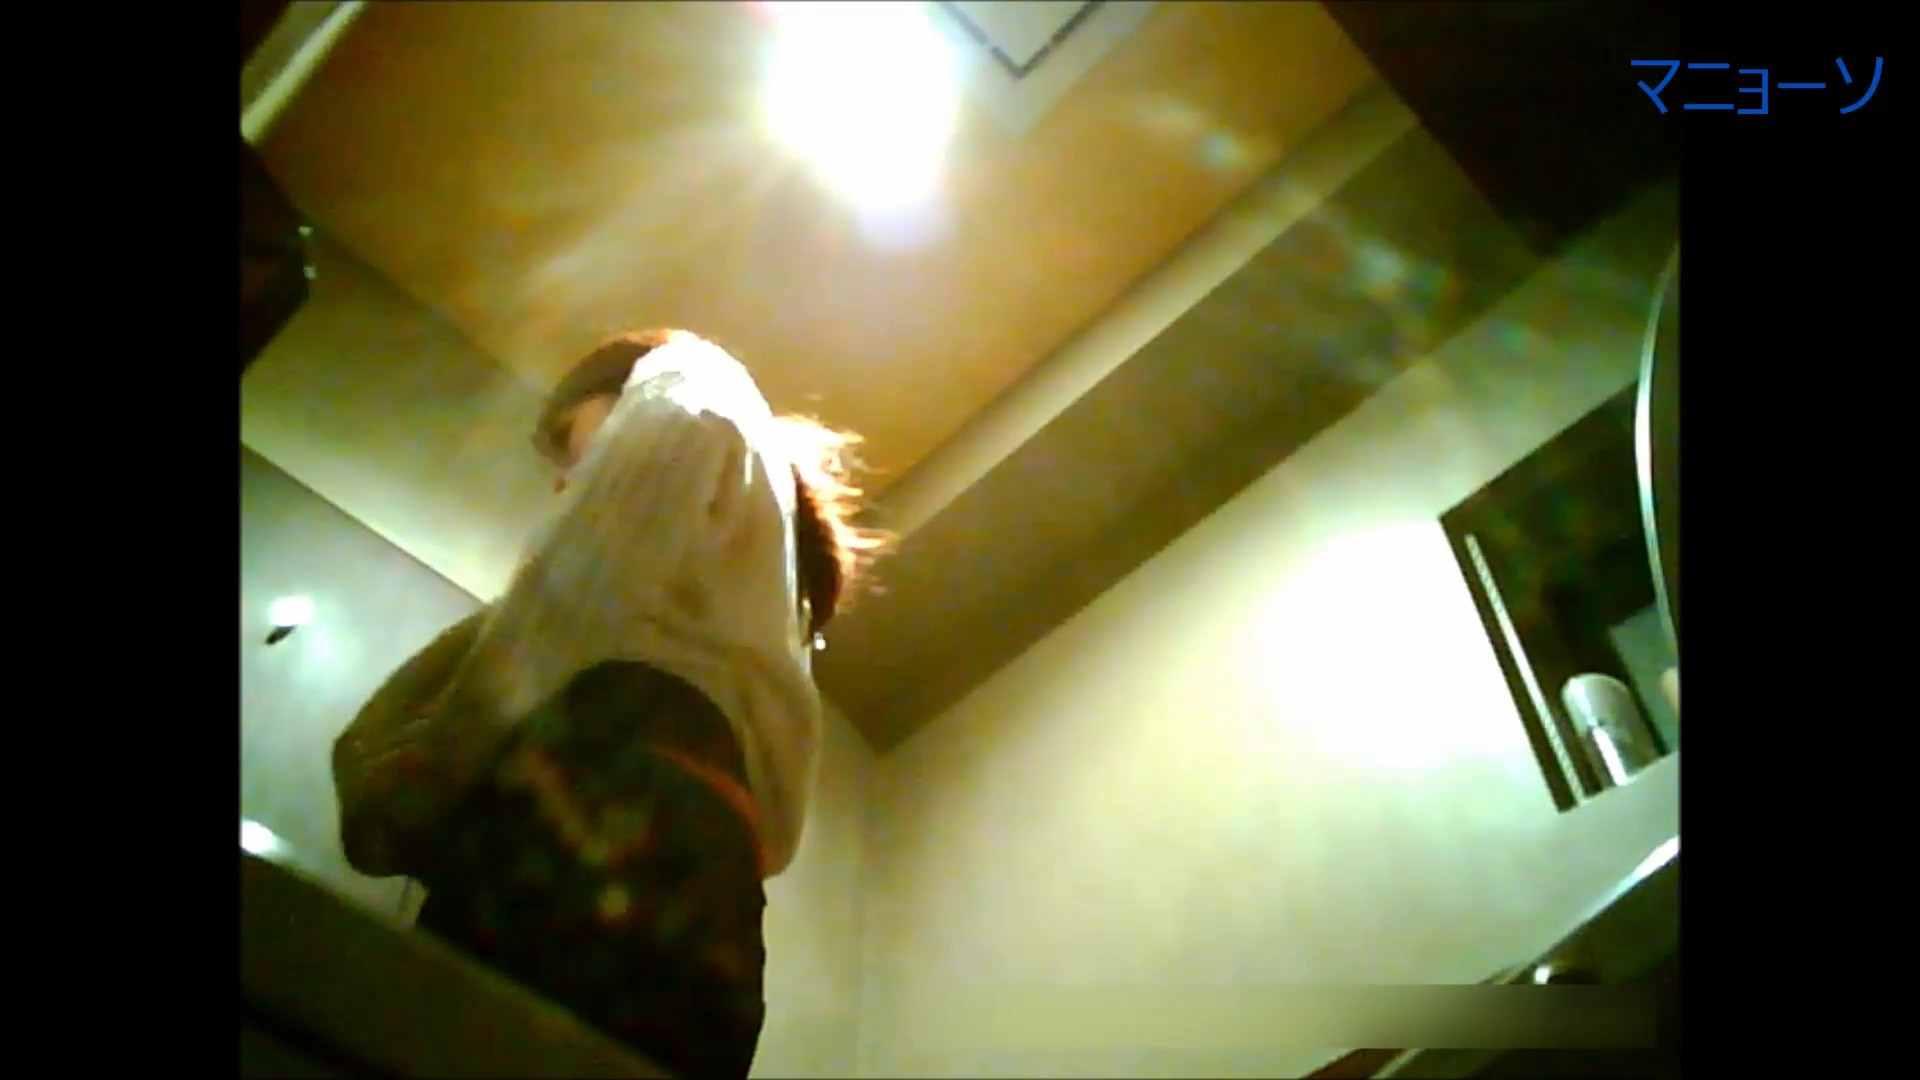 トイレでひと肌脱いでもらいました (JD編)Vol.02 トイレ中の女子達 | エッチすぎるOL達  106連発 9